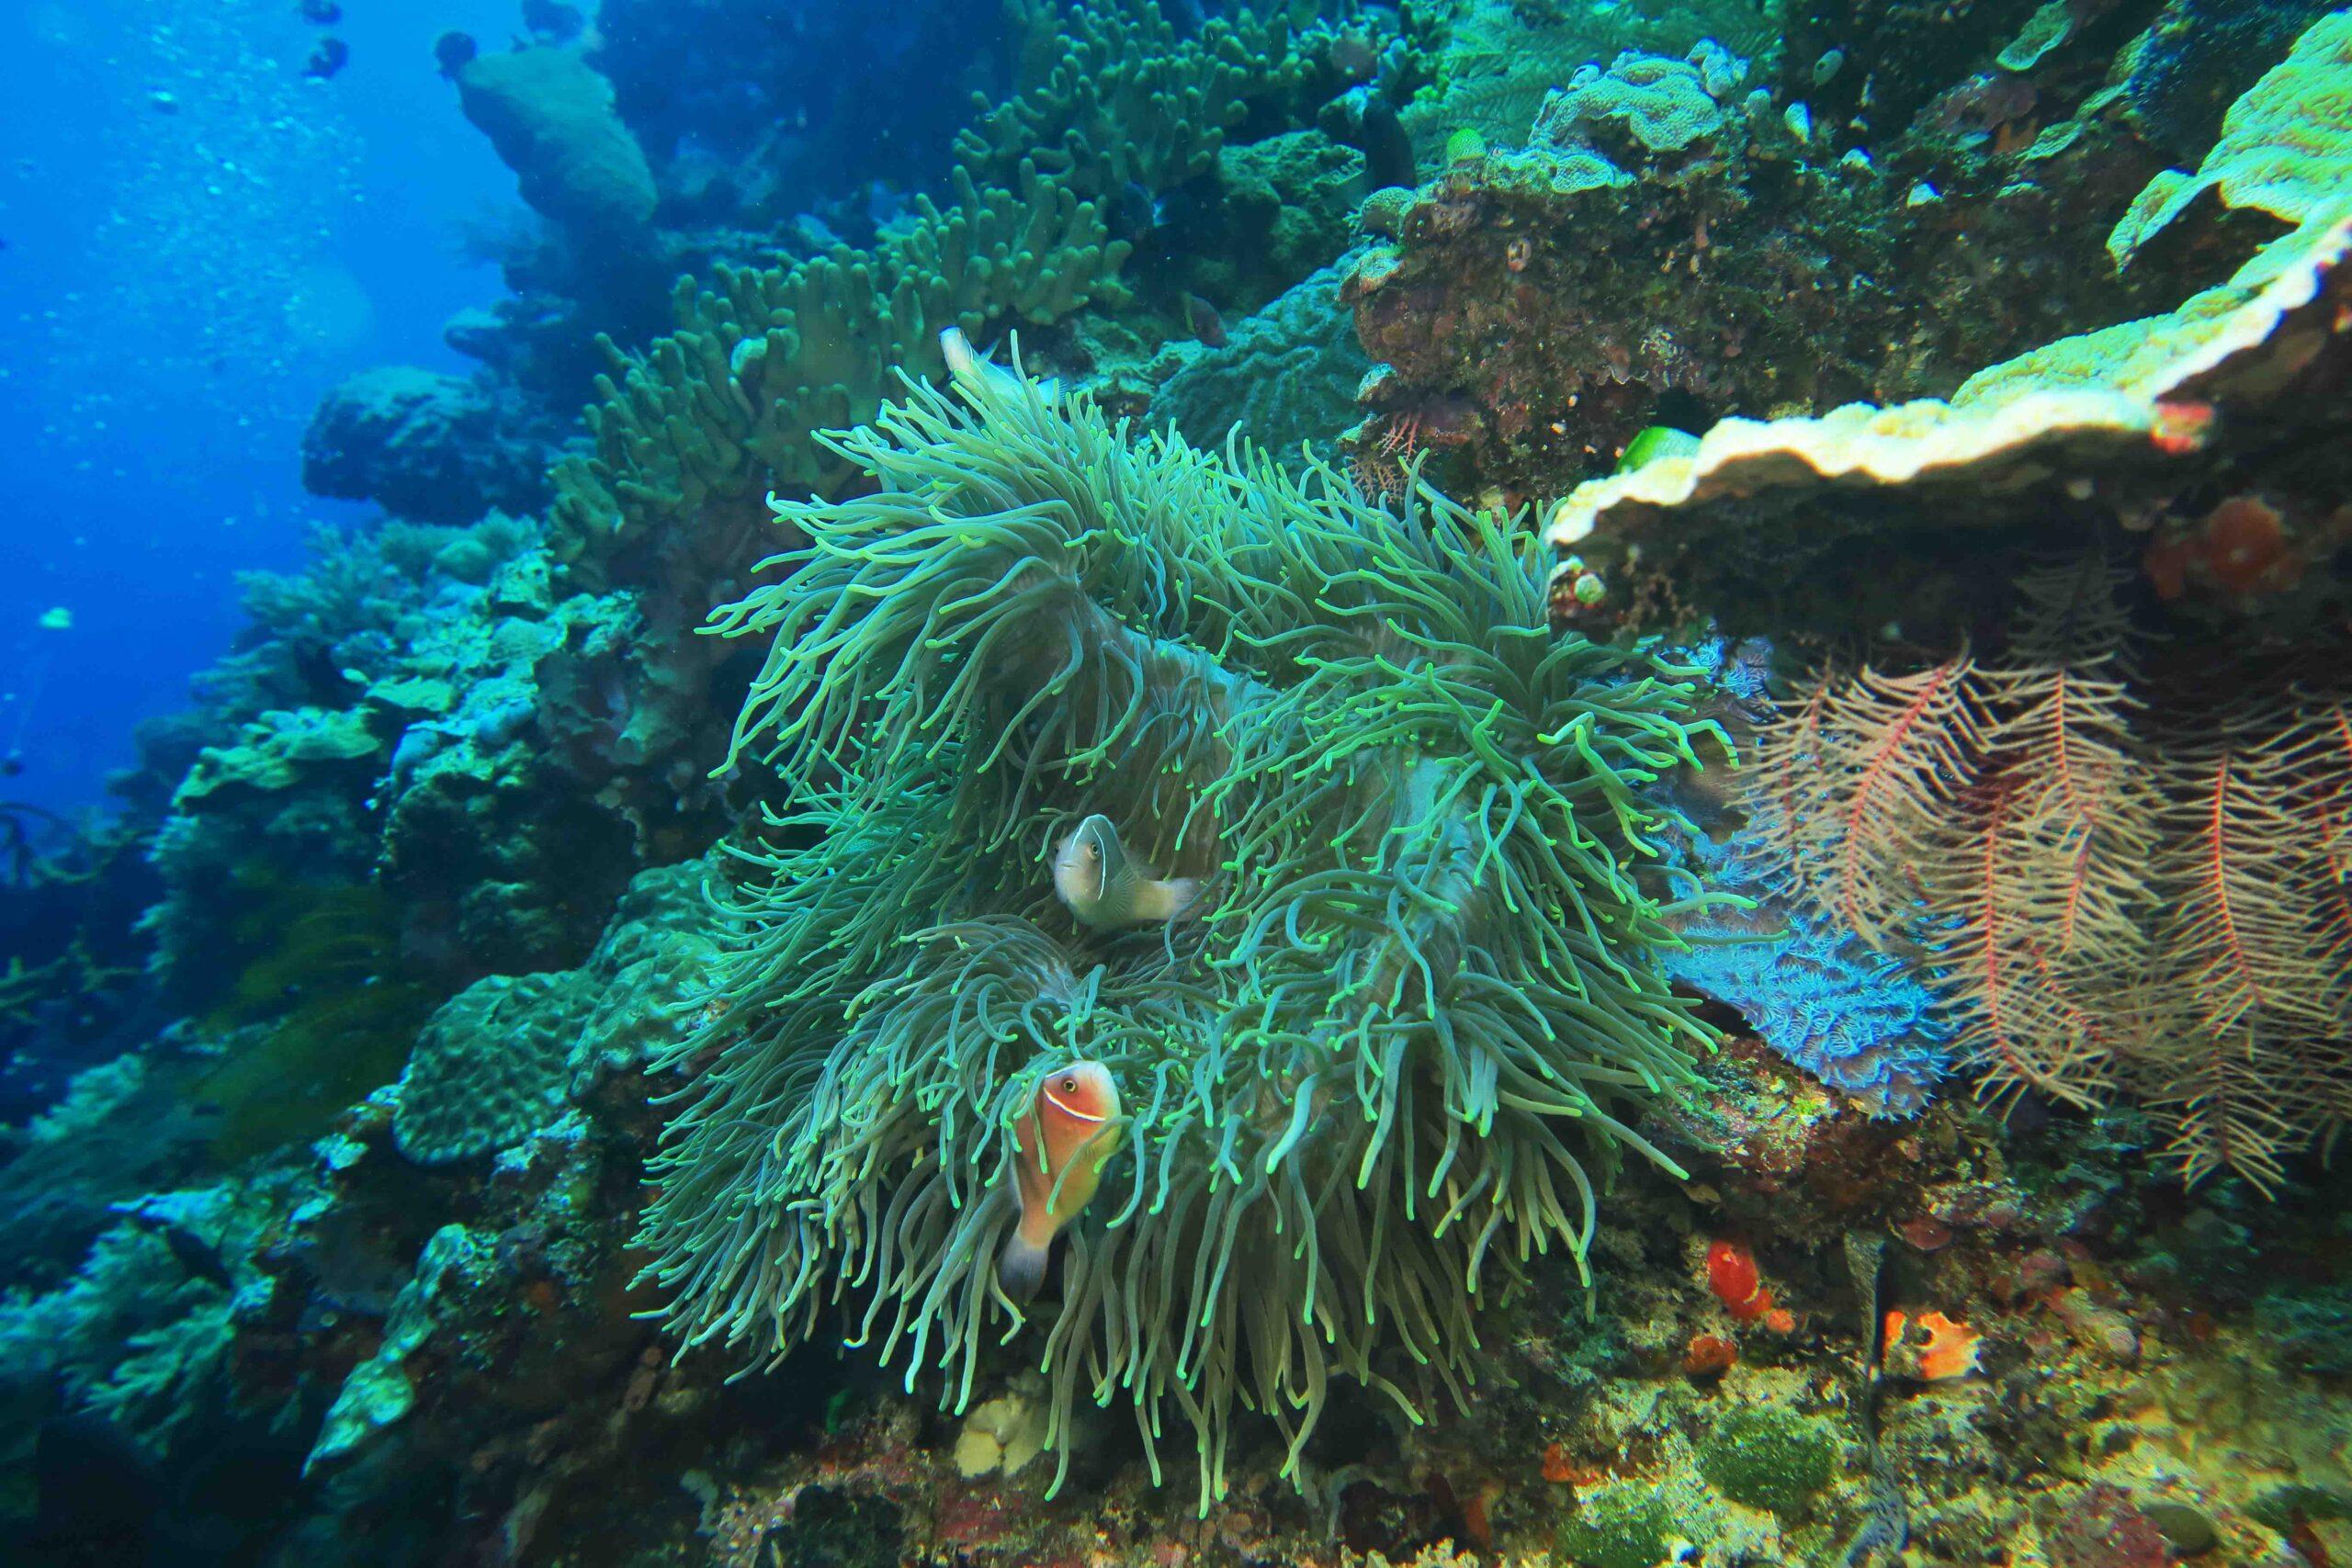 La barriera corallina di Bunaken è ricca ed incontaminata, con una corposa e abbondante vita di coralli e pesci in grande concentrazione.